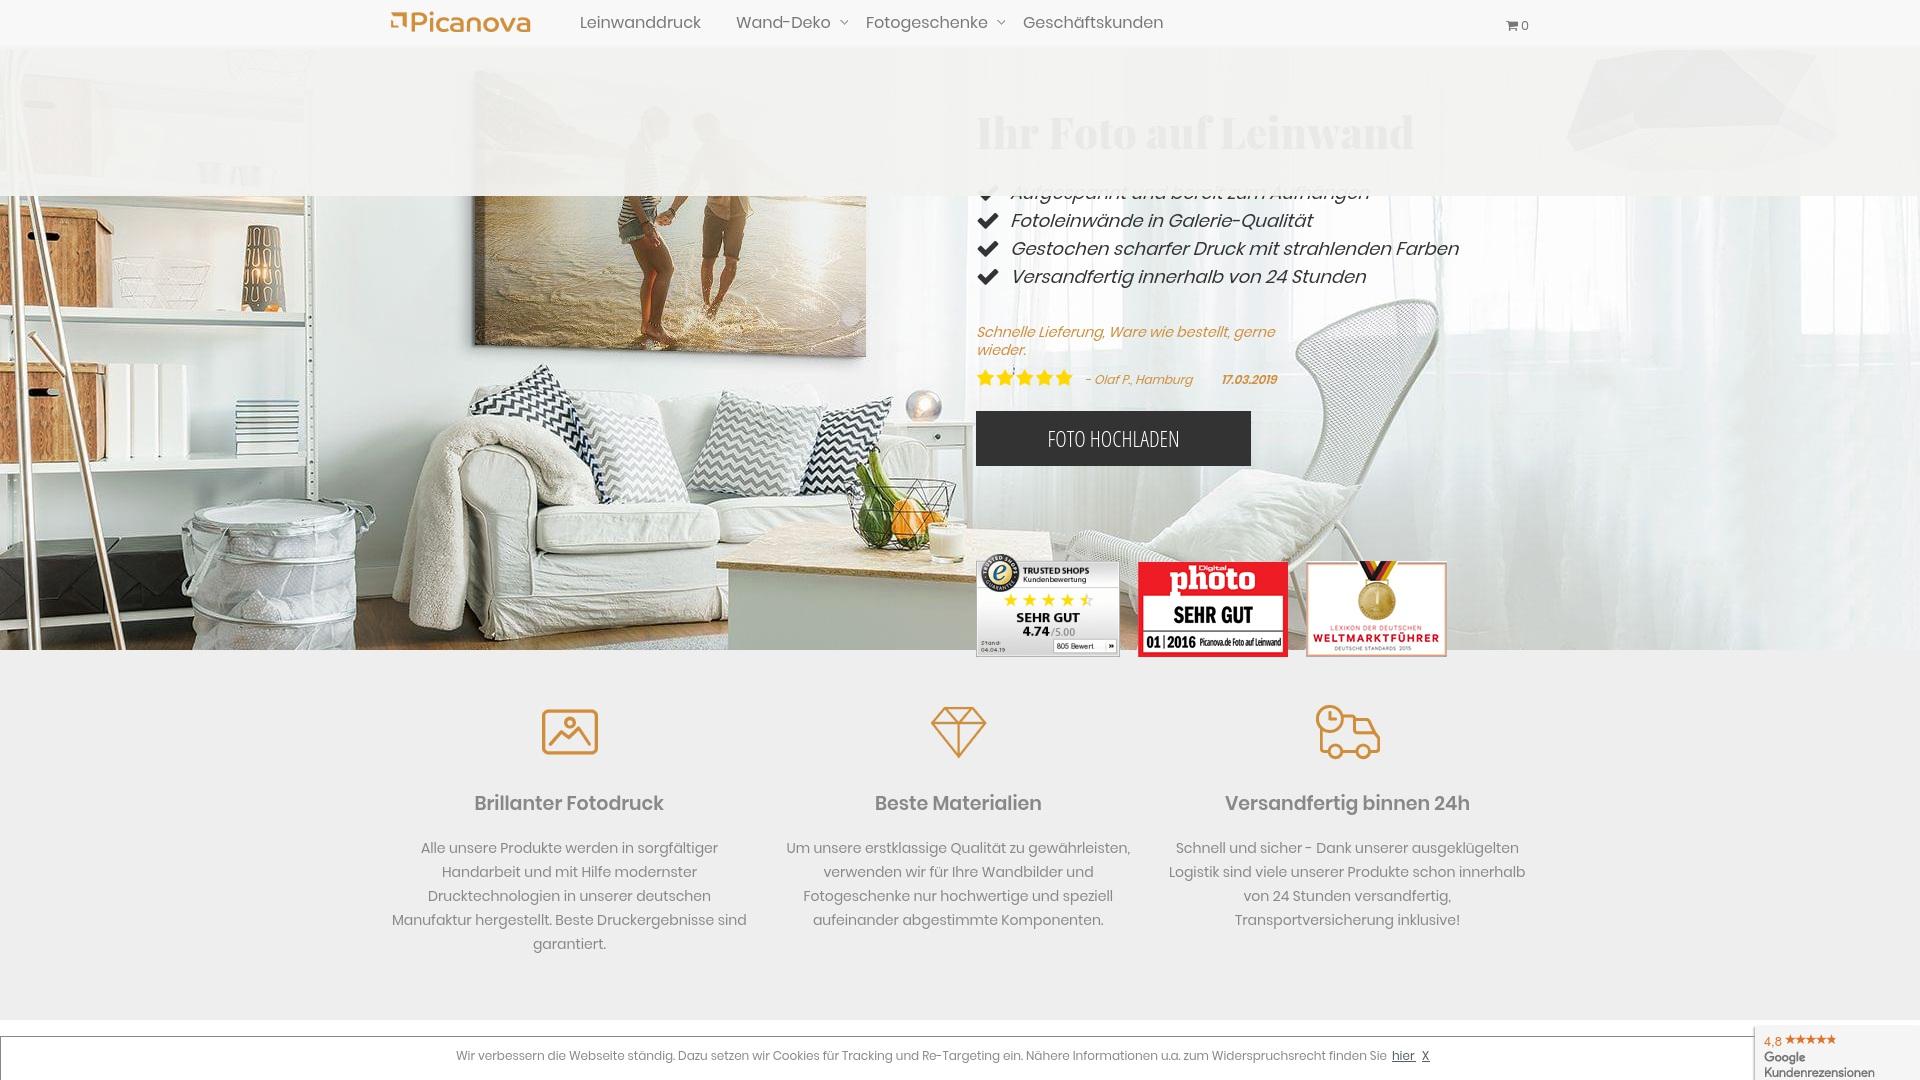 Gutschein für Picanova: Rabatte für  Picanova sichern